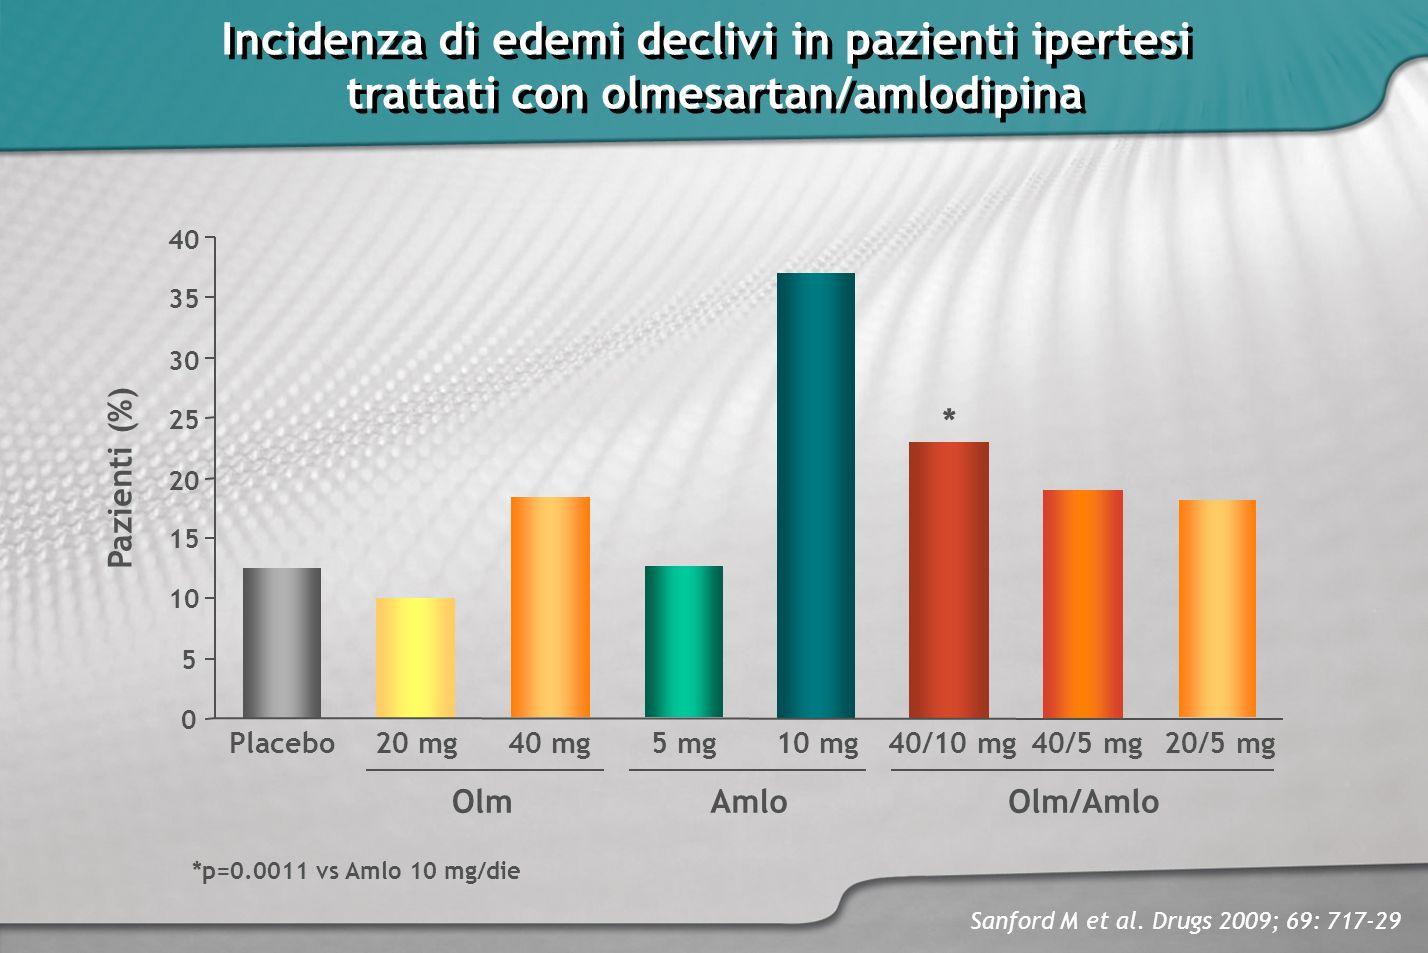 Incidenza di edemi declivi in pazienti ipertesi trattati con olmesartan/amlodipina Incidenza di edemi declivi in pazienti ipertesi trattati con olmesa